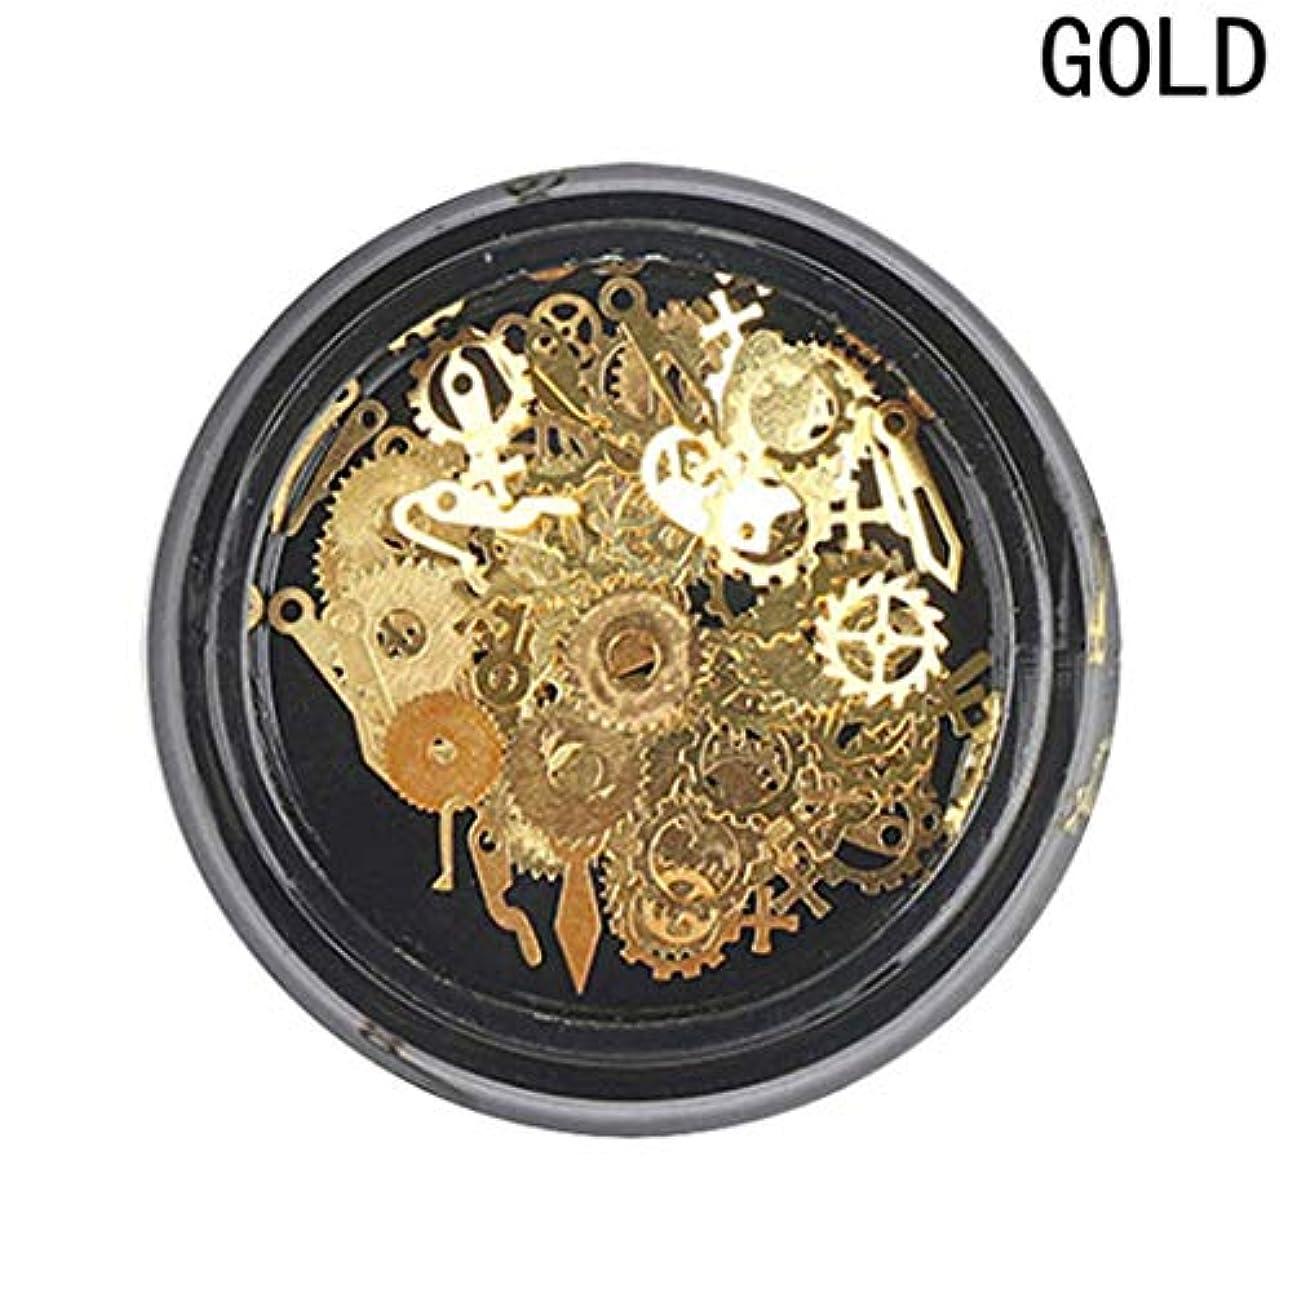 駅栄養スキムWadachikis ベストセラーファッションユニークな合金蒸気パンクギアネイルアート装飾金属スタイルの創造的な女性の爪DIYアクセサリー1ボックス(None golden)